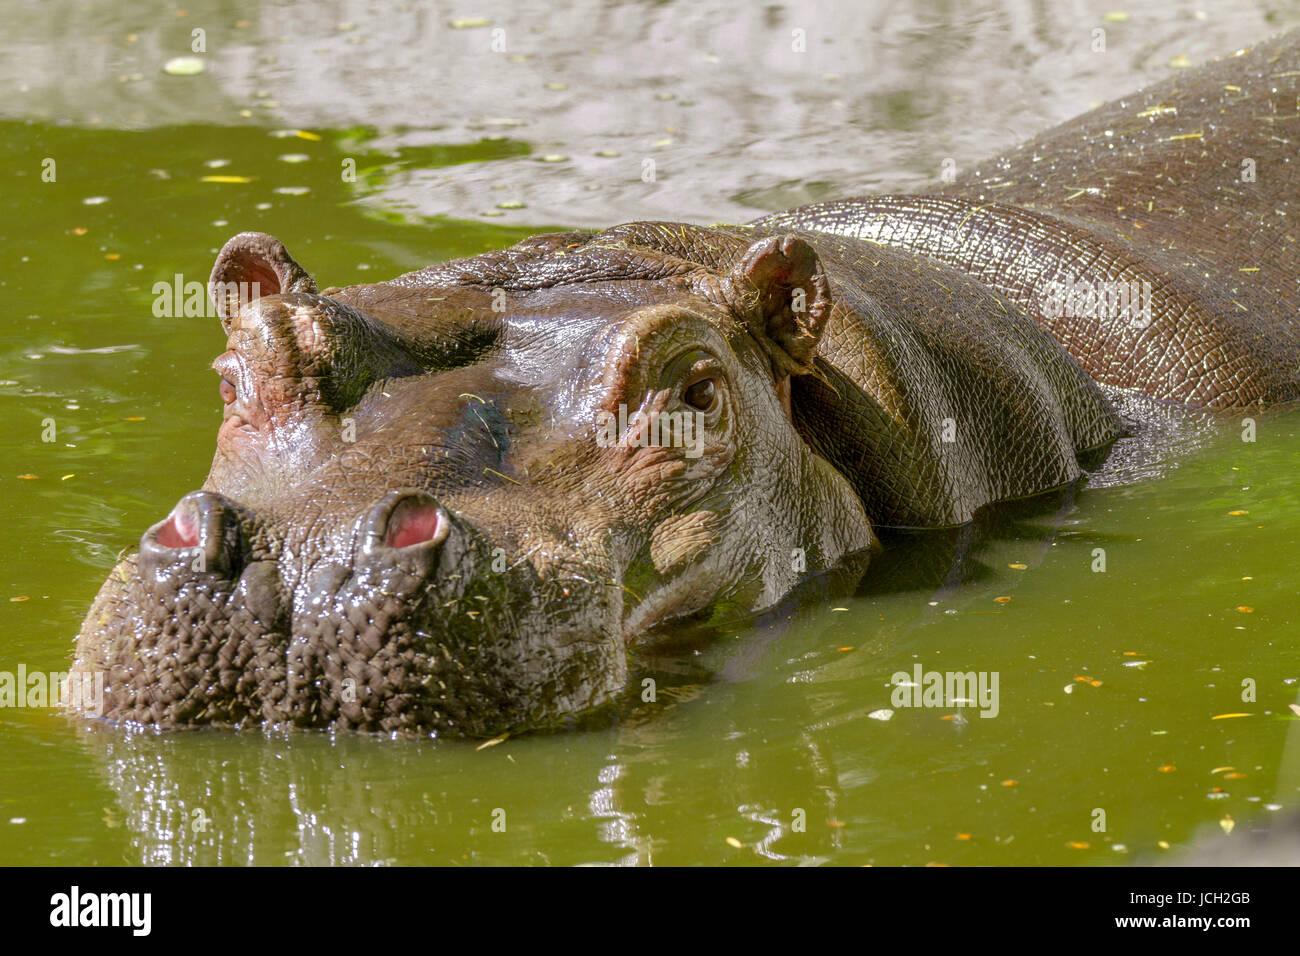 Imagen de un gran mamífero de un animal salvaje, hipopótamo en agua Foto de stock